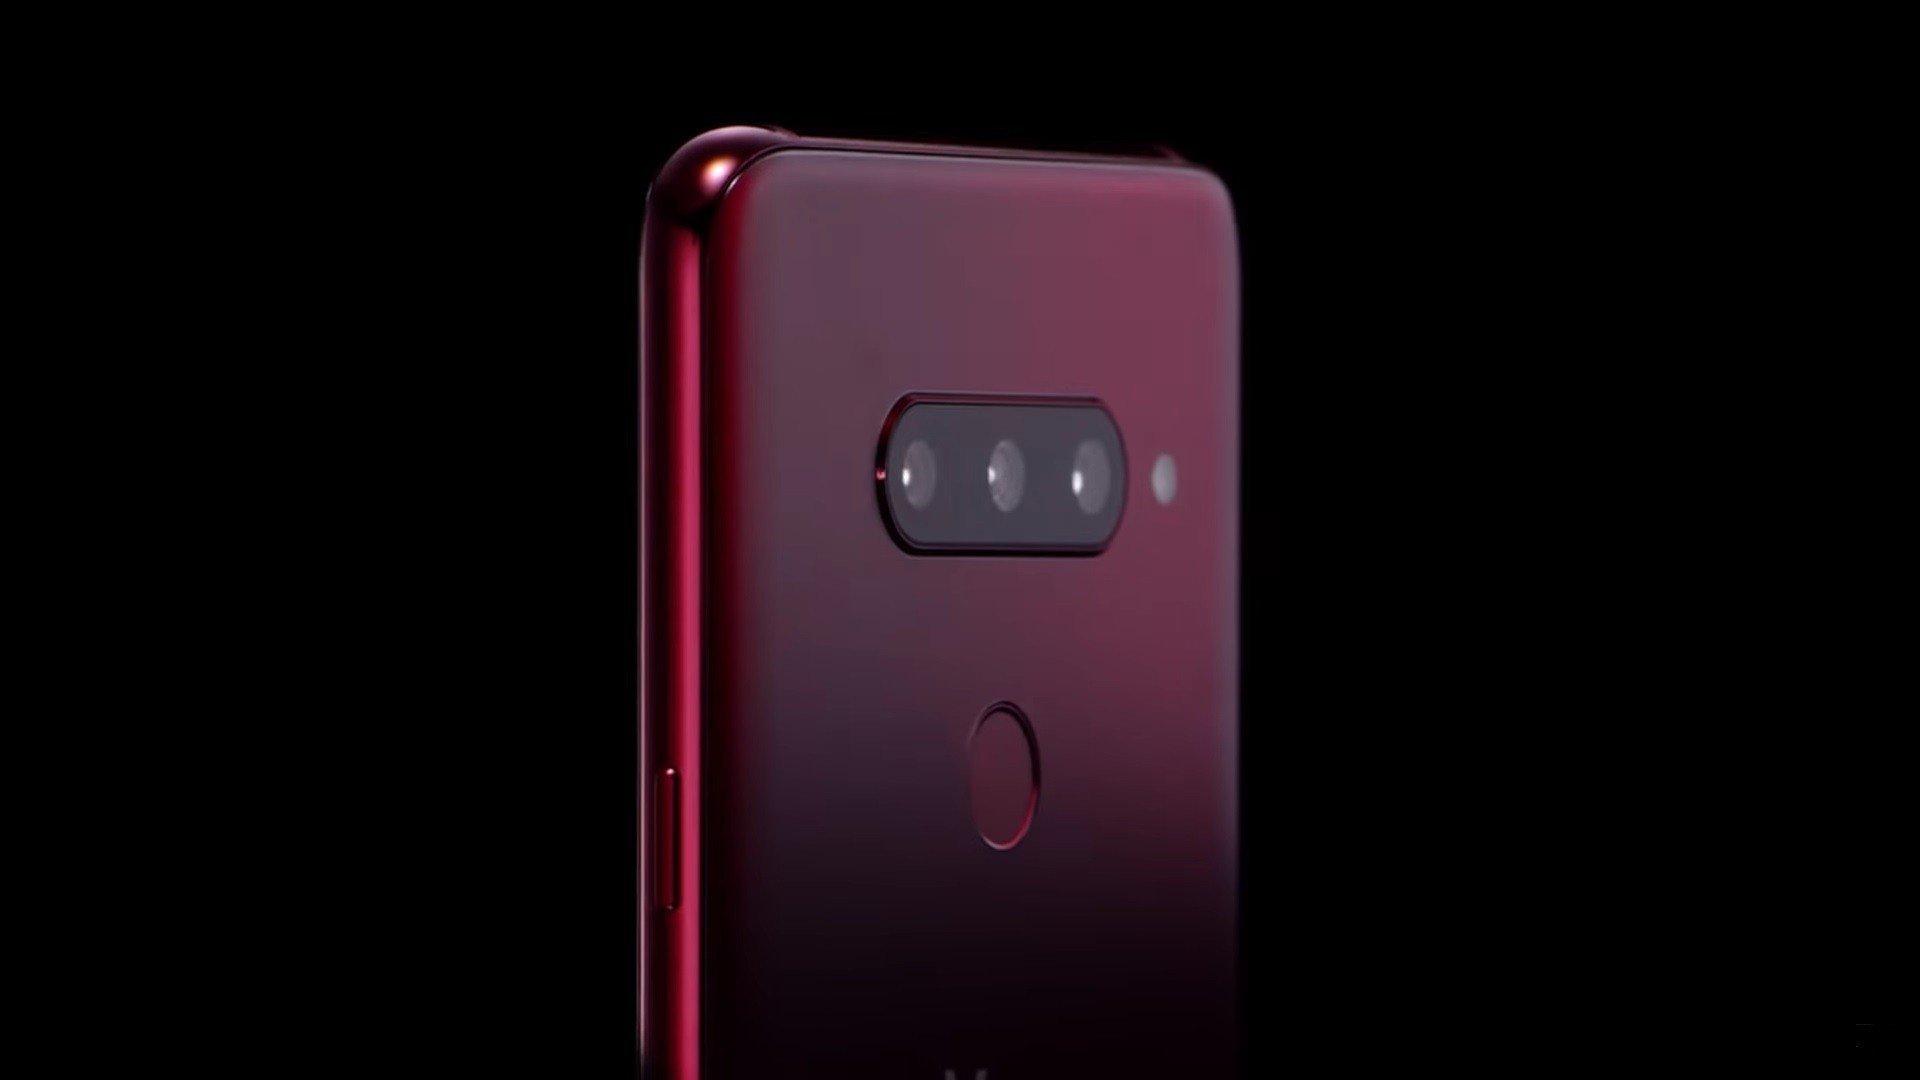 Koniec ze śliskimi obudowami smartfonów. Nowy LG V40 ThinQ z autorską technologią wykonania obudowy i nowymi kolorami.